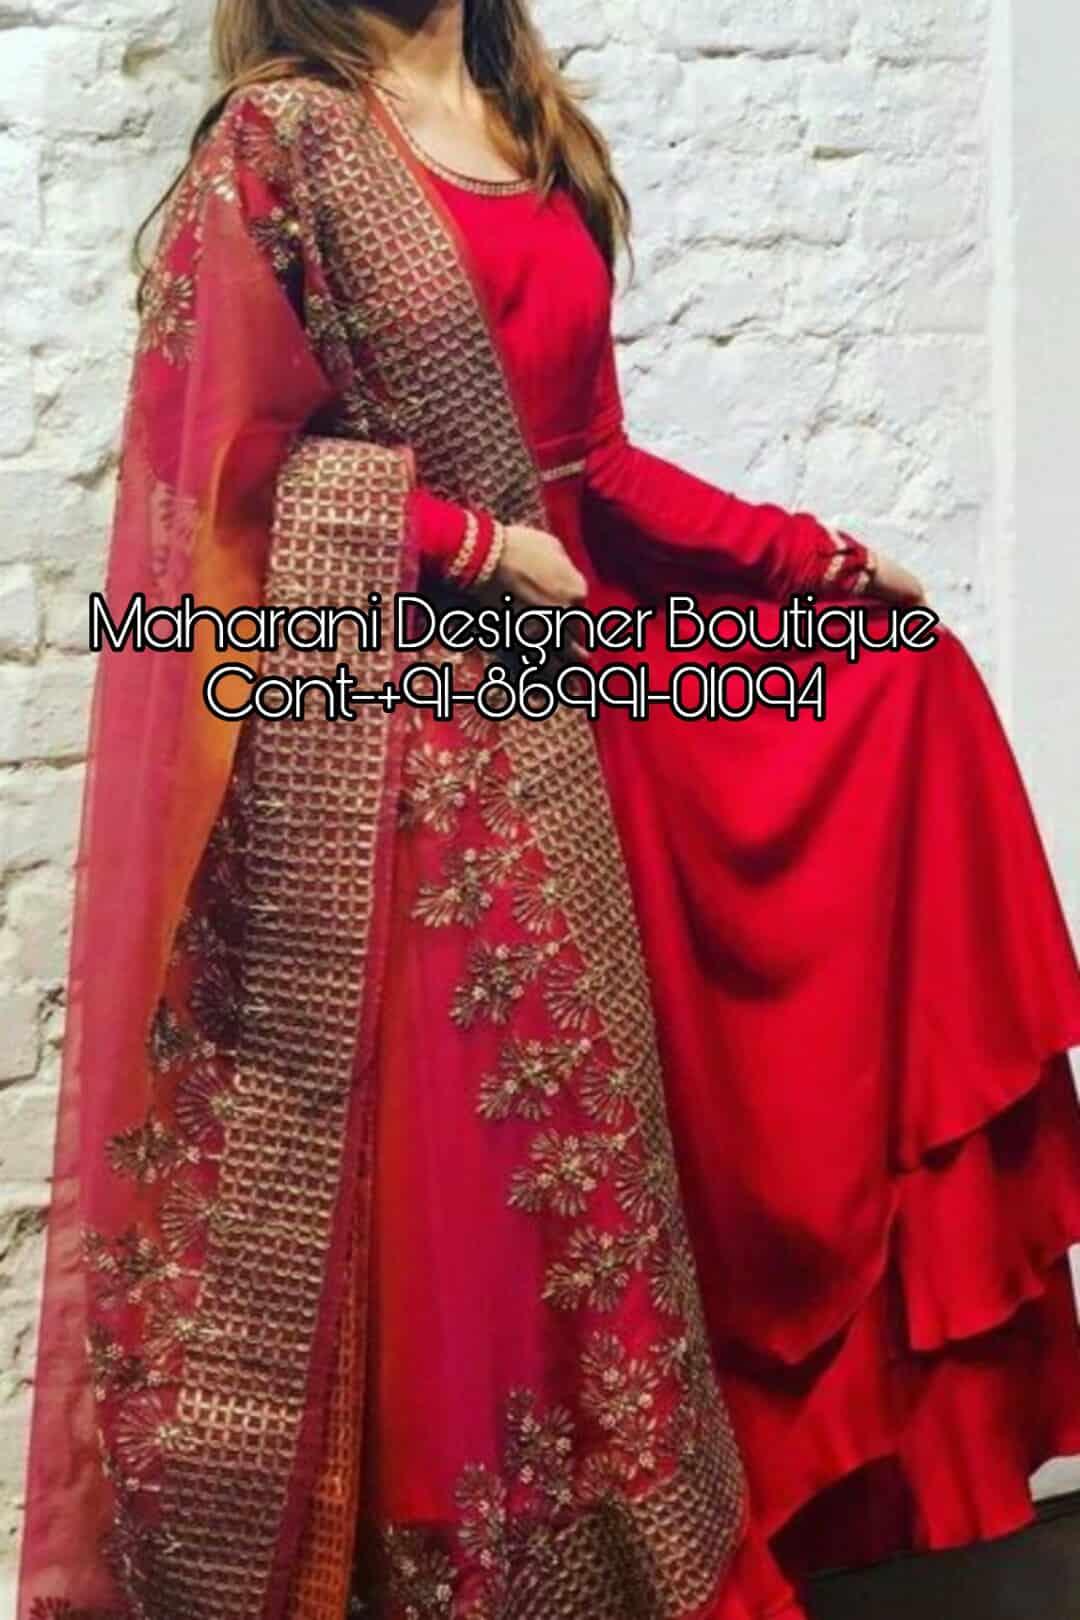 36e037db9c Boutique Frock Suit Design, frock suit designs latest, frock suit design  image, frock